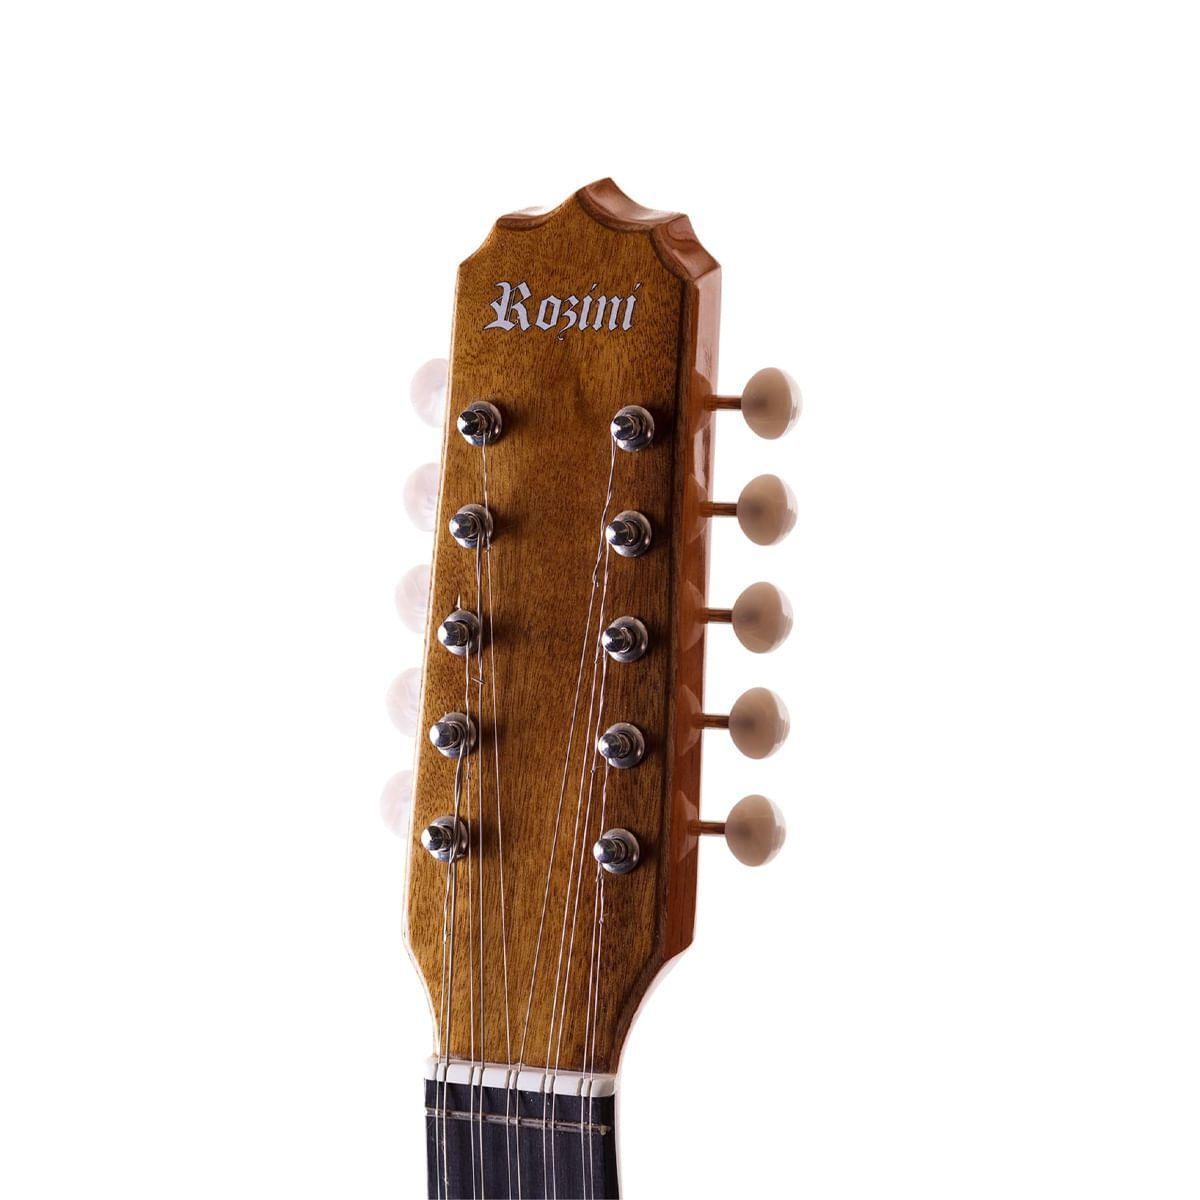 Viola Caipira Cinturada Acústica Rozini RV154 ACN Natural